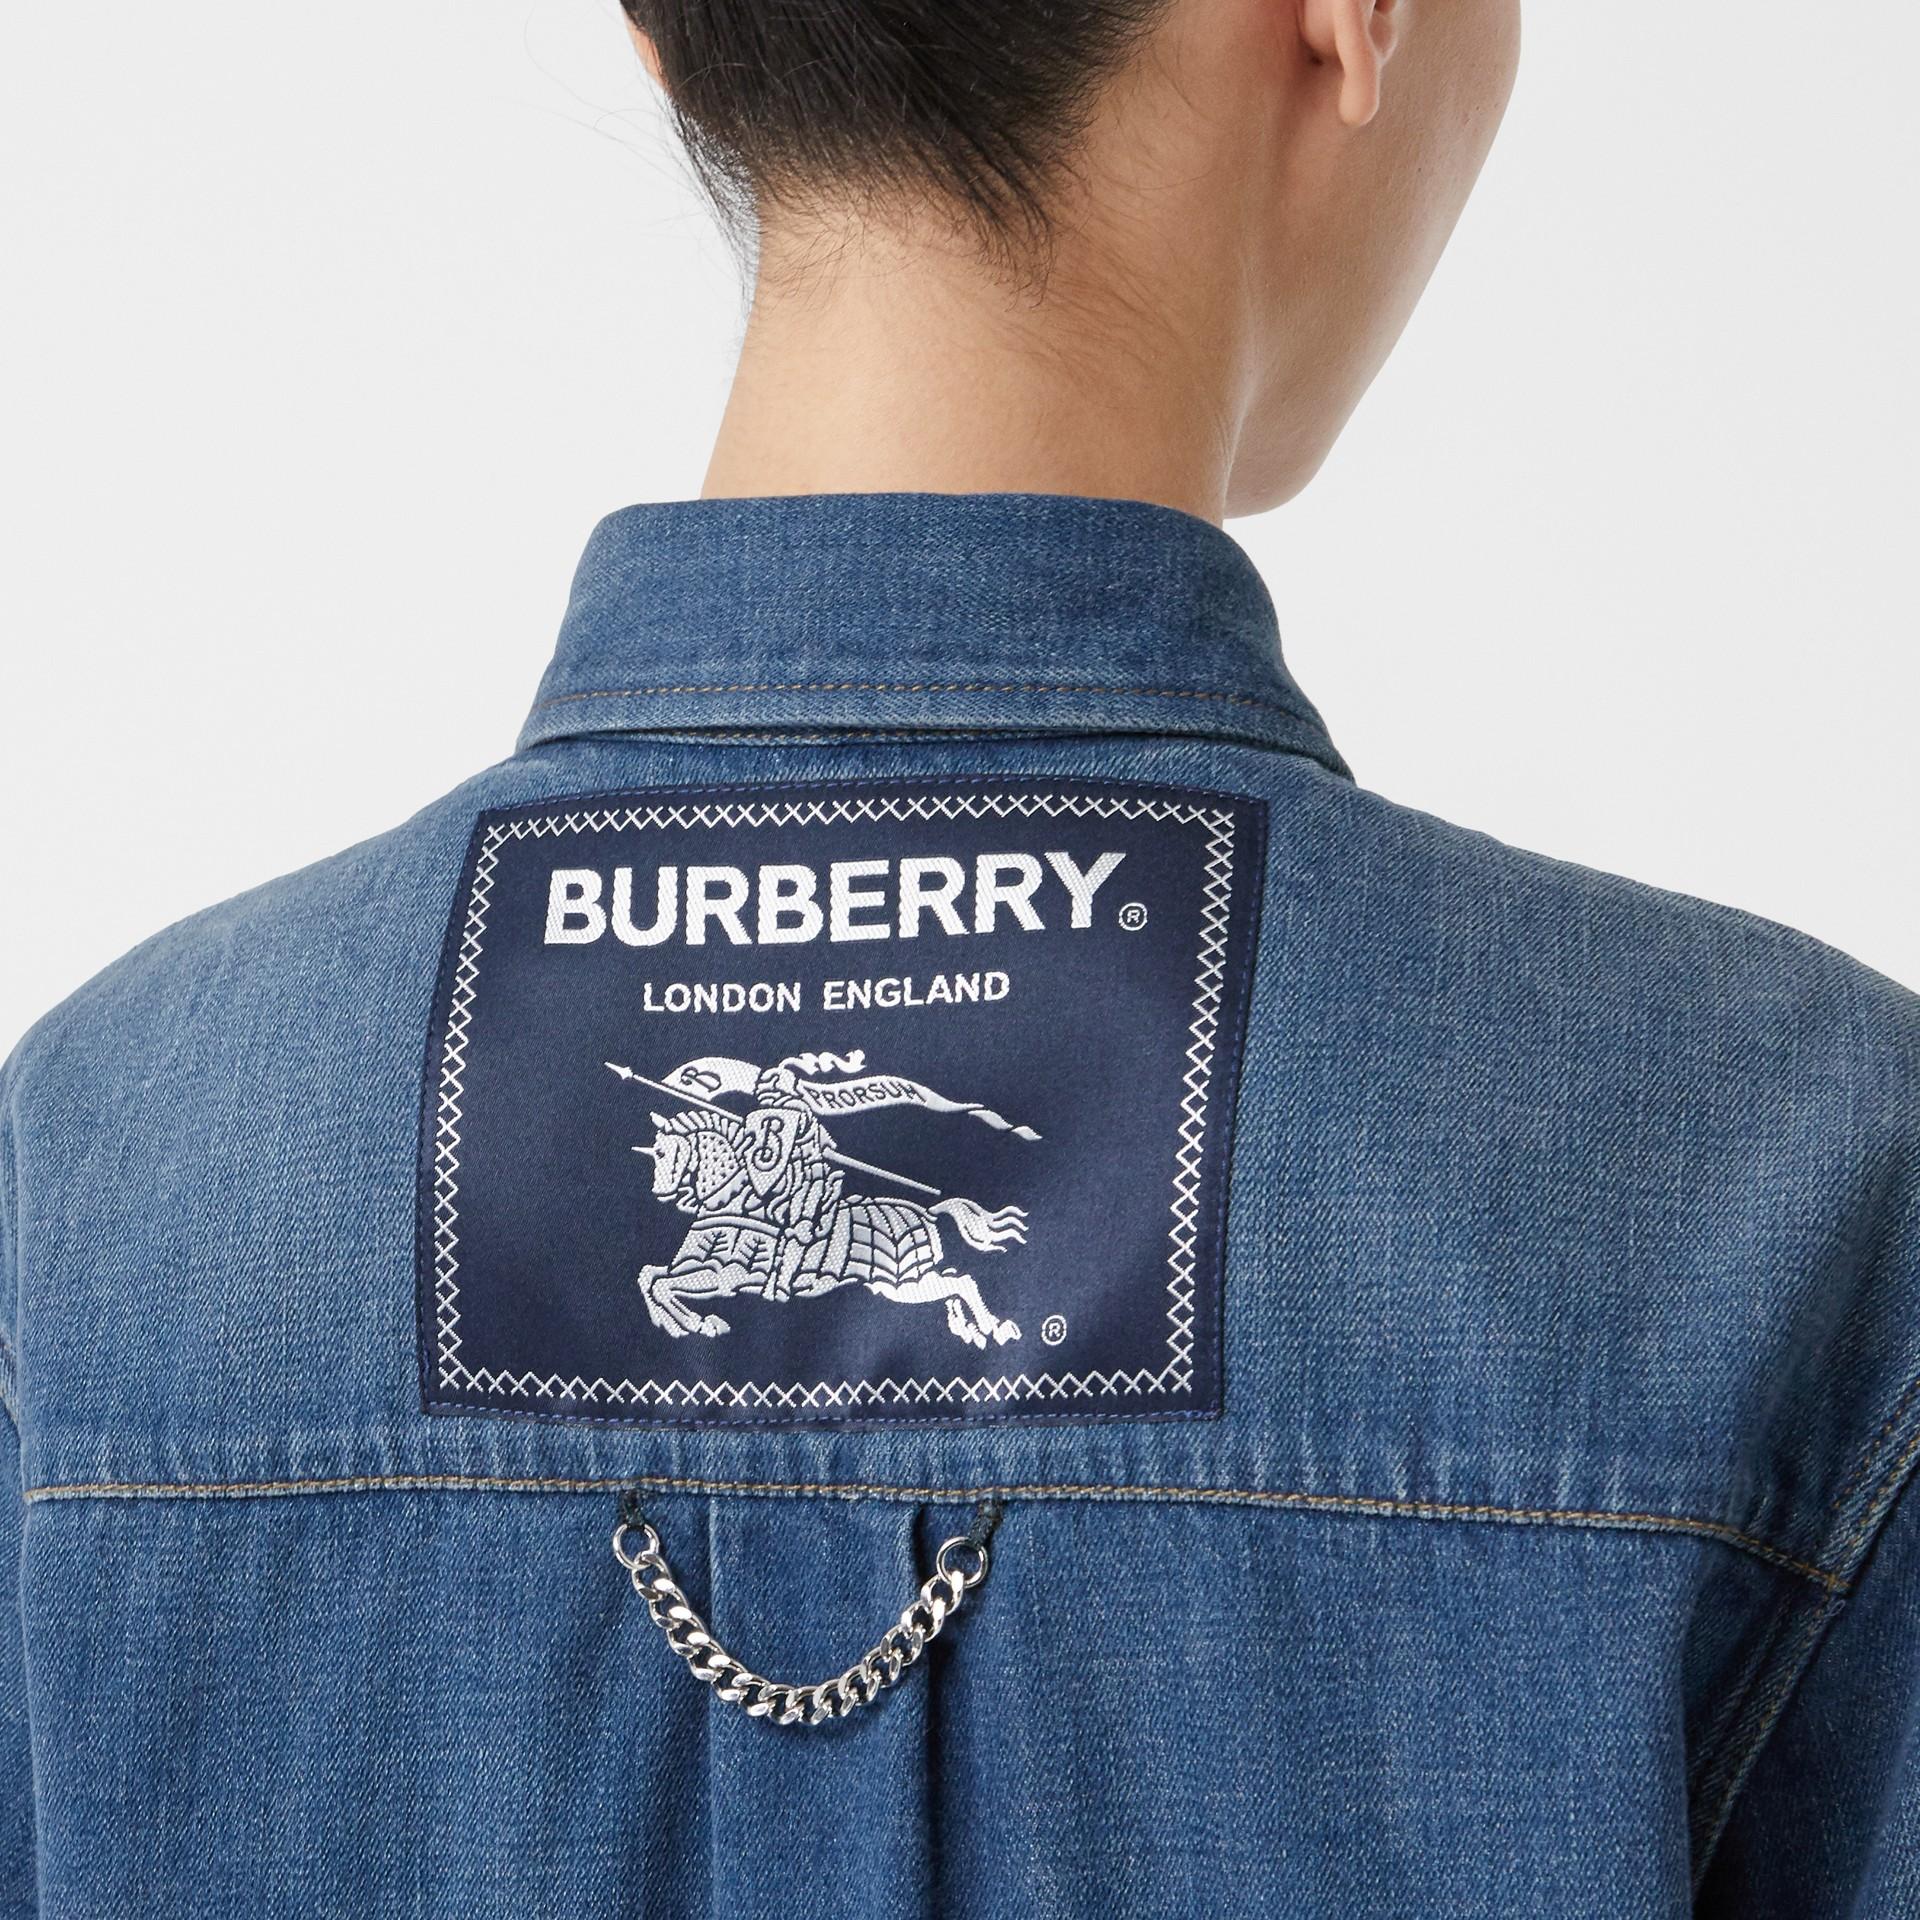 Chemise en denim avec logo appliqué (Indigo) - Femme | Burberry - photo de la galerie 1